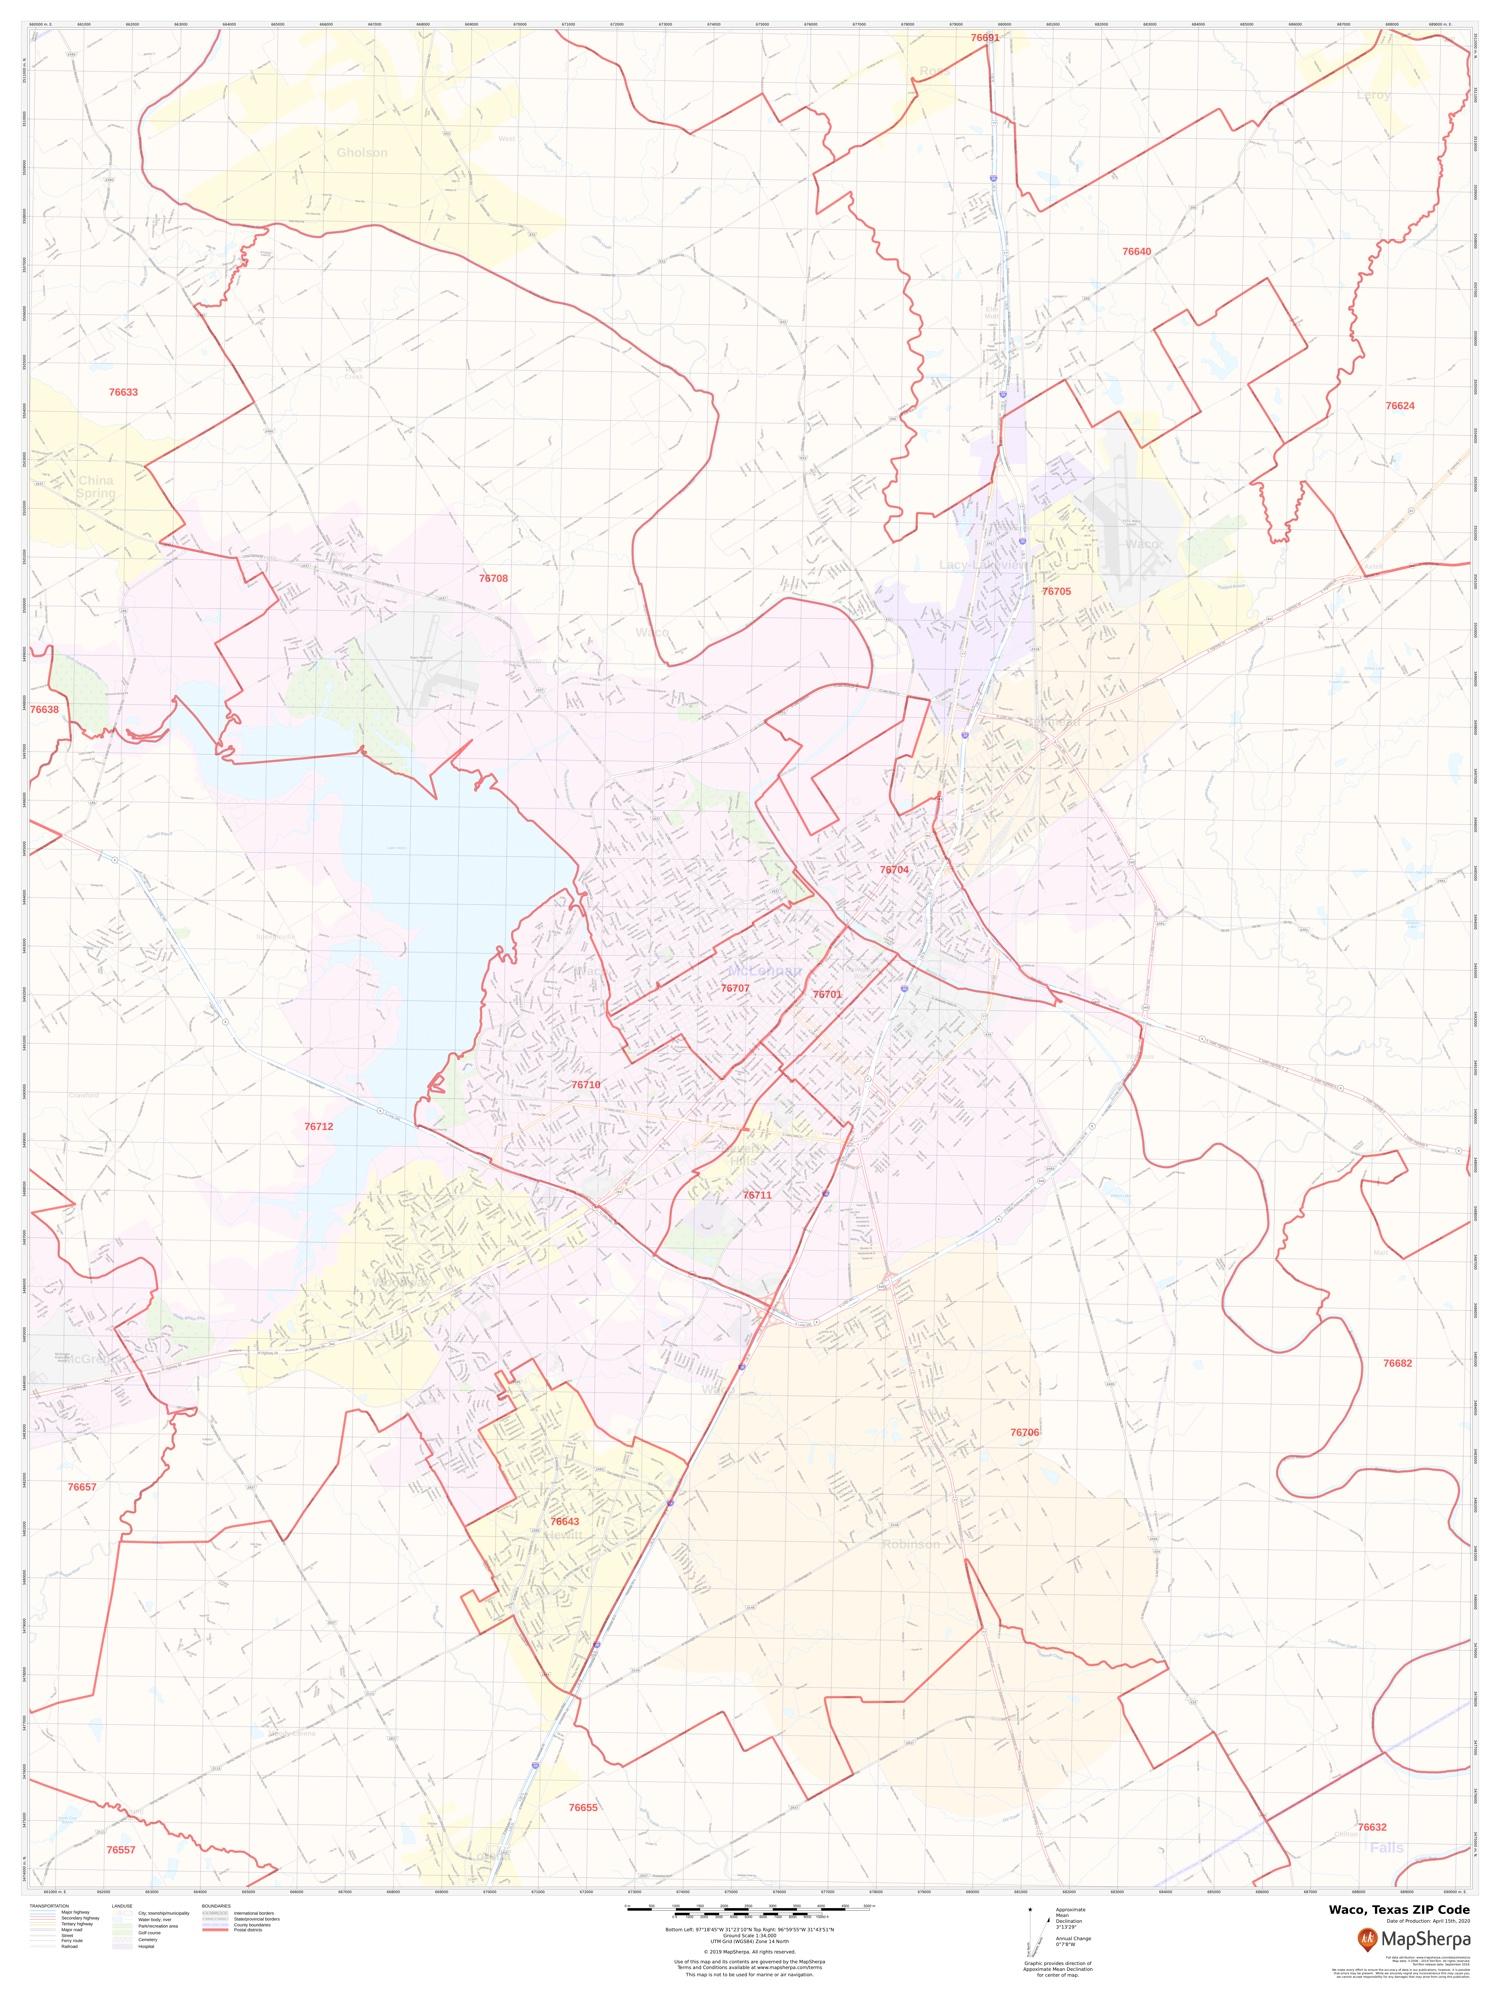 Waco Zip Code Map Waco Texas Zip Code Map